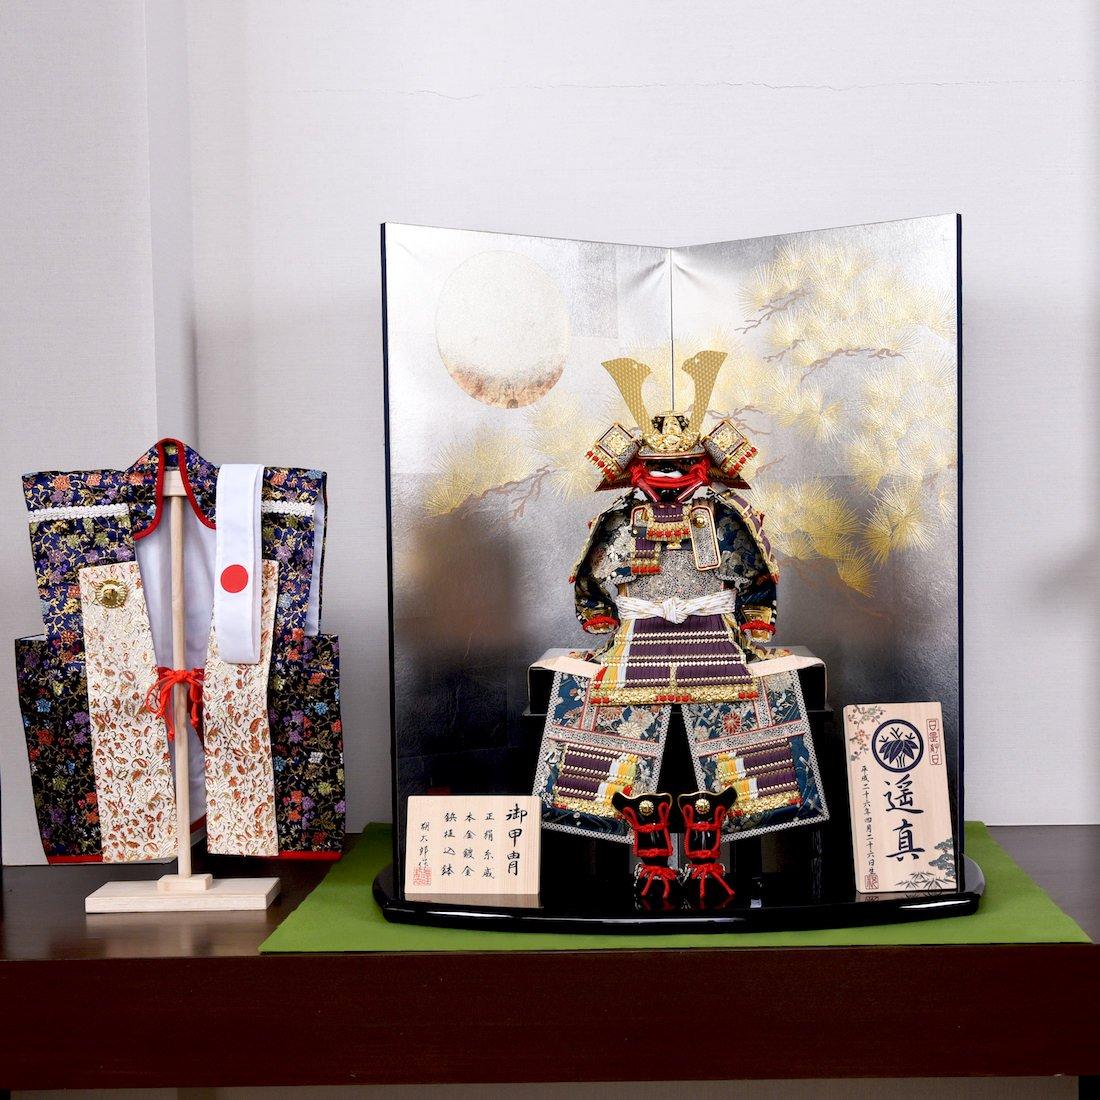 鎧飾り 7号 紫糸威褄取鎧 朝比奈徹山